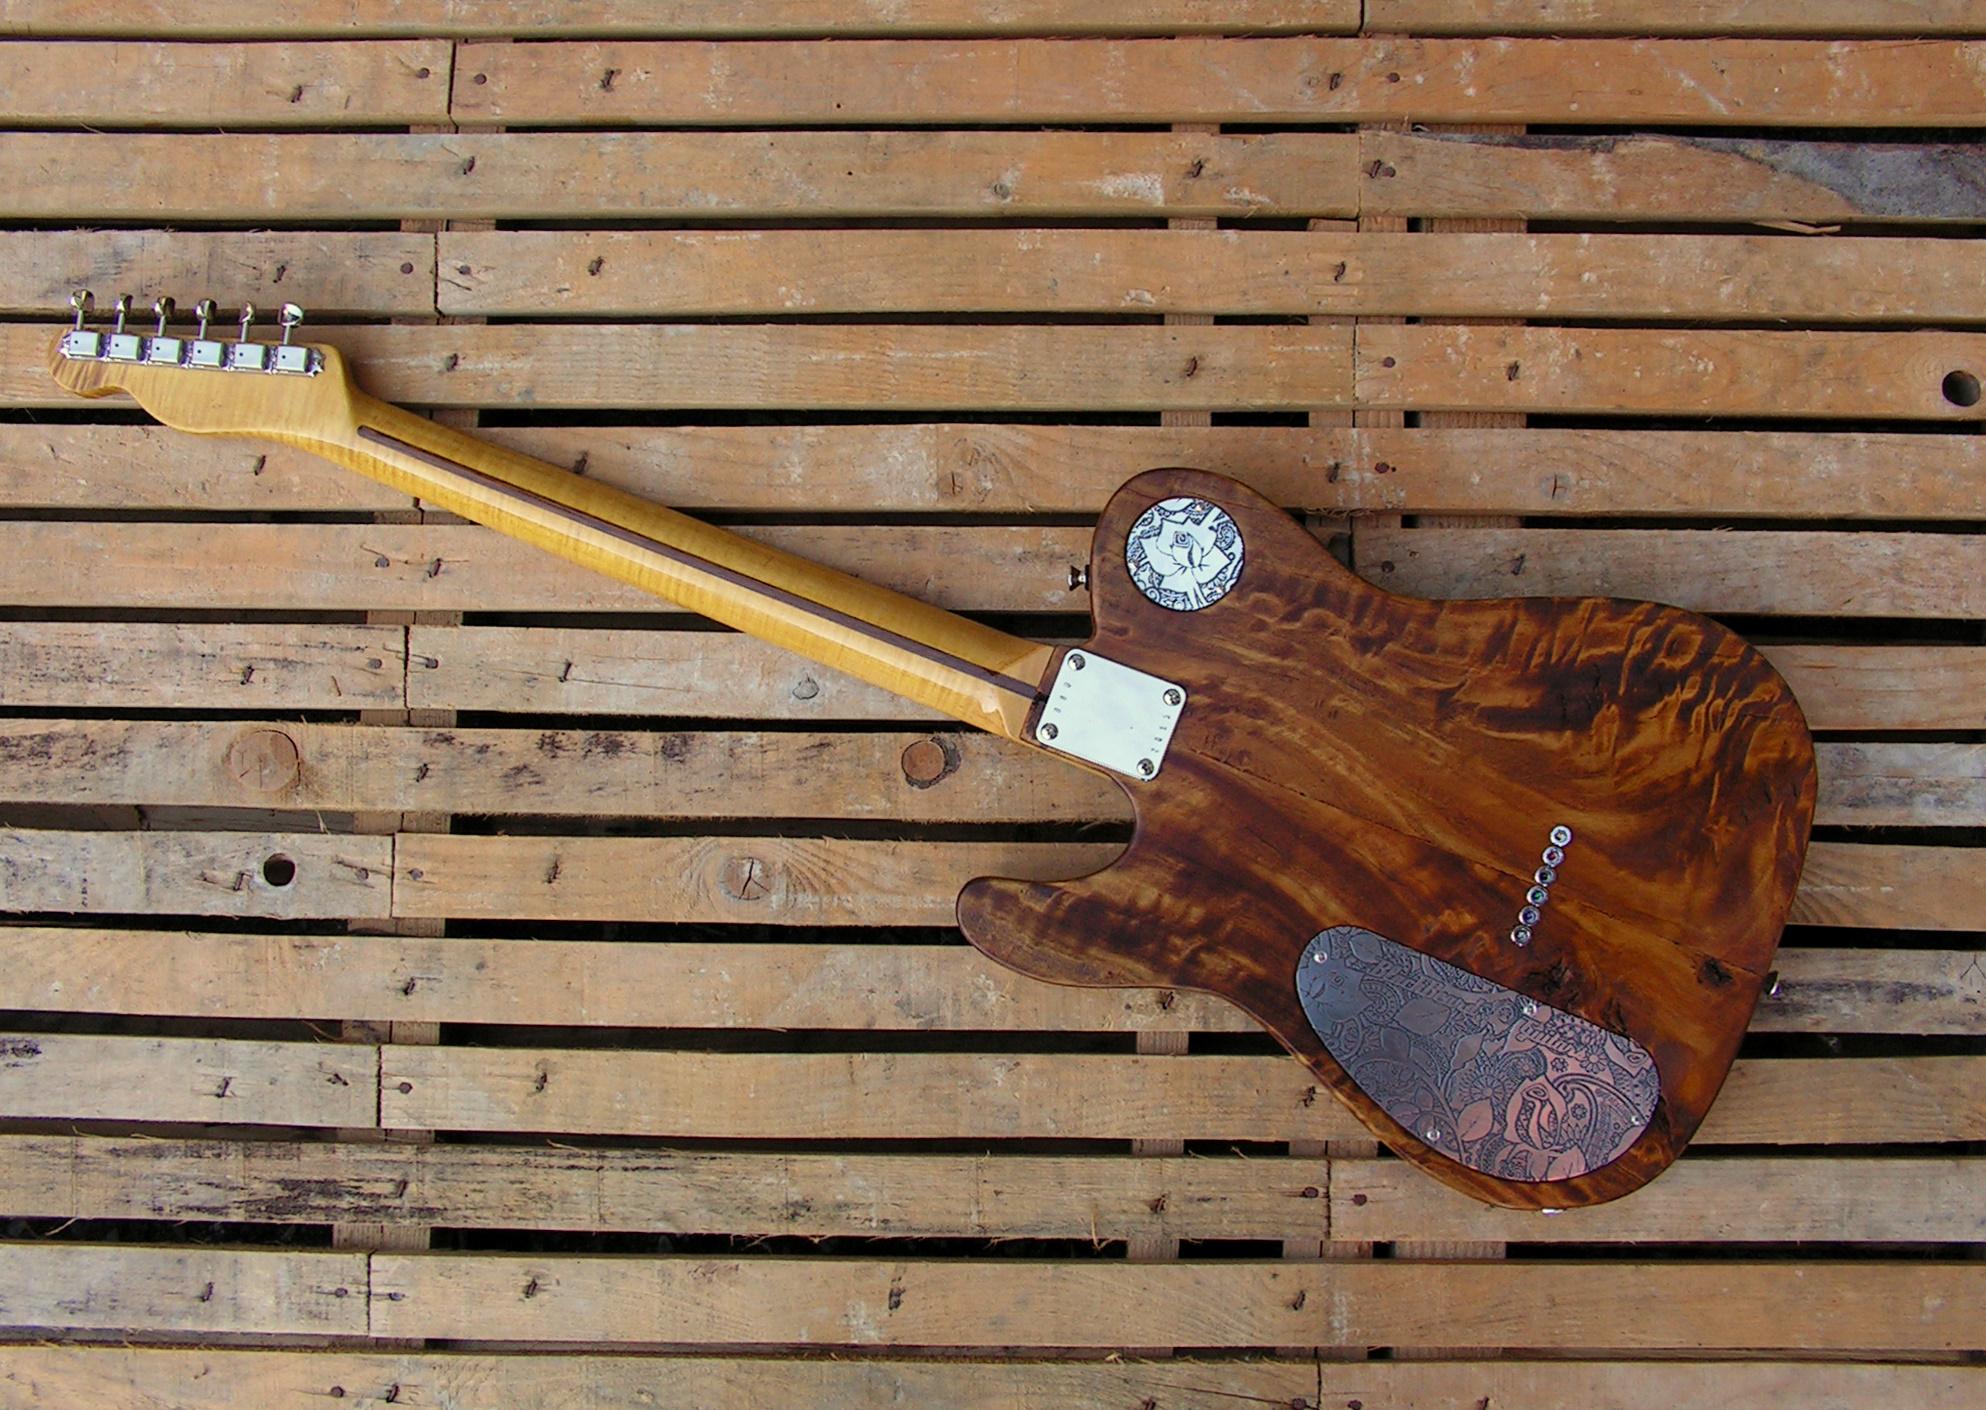 Retro di una chitarra Telecaster in radica di pioppo